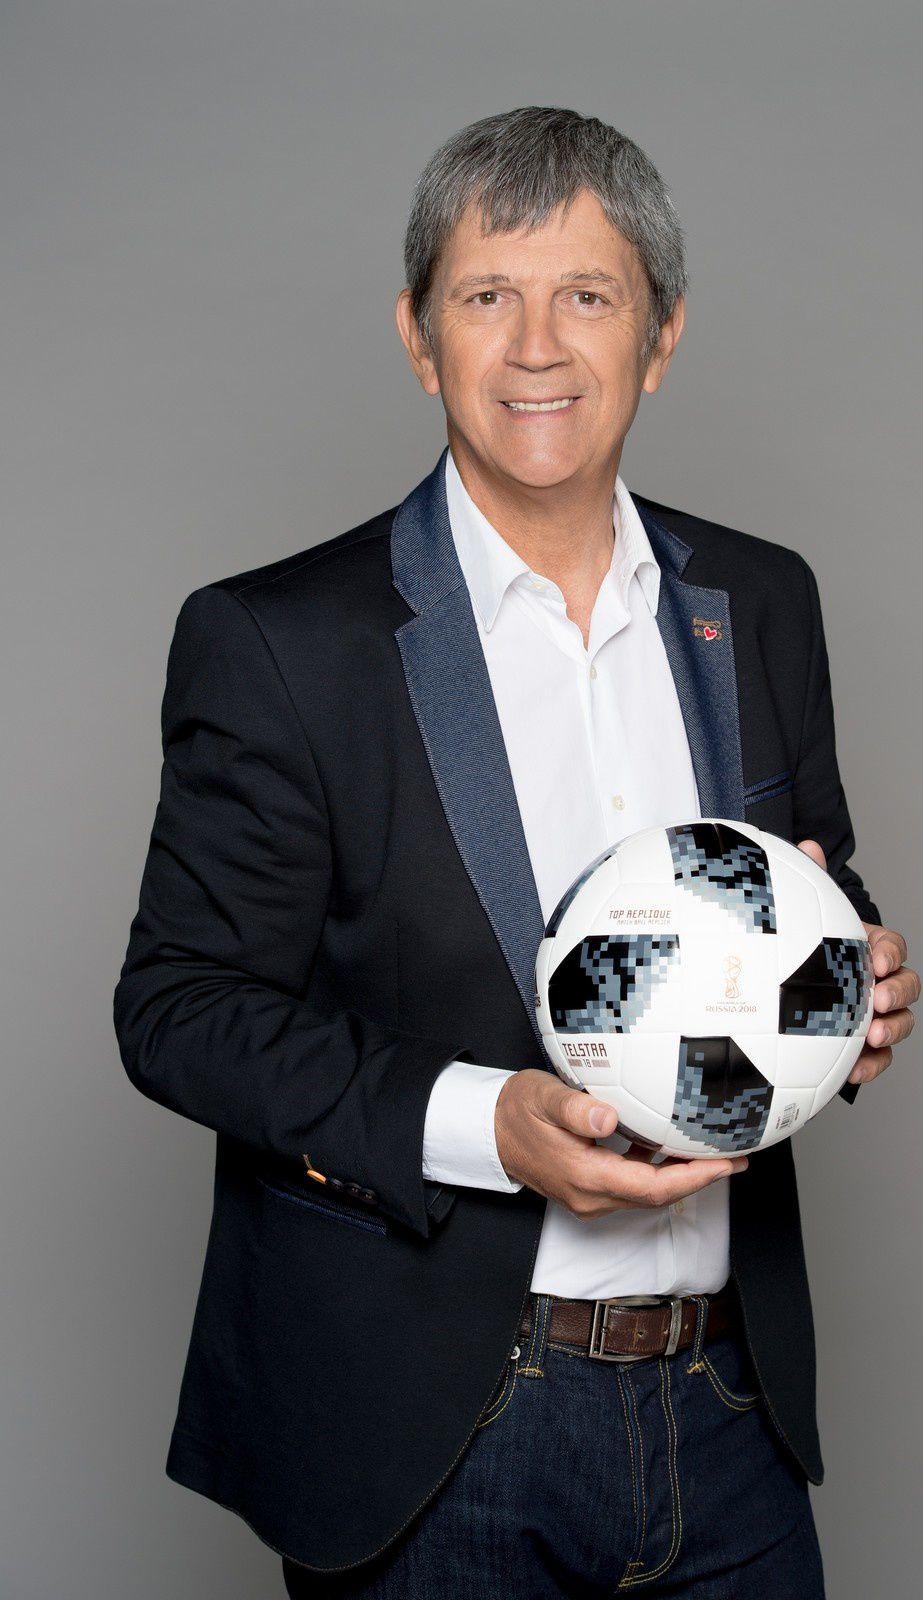 Liste des Bleus sélectionnés annoncée par Deschamps : émission spéciale avec Patrick Chêne.